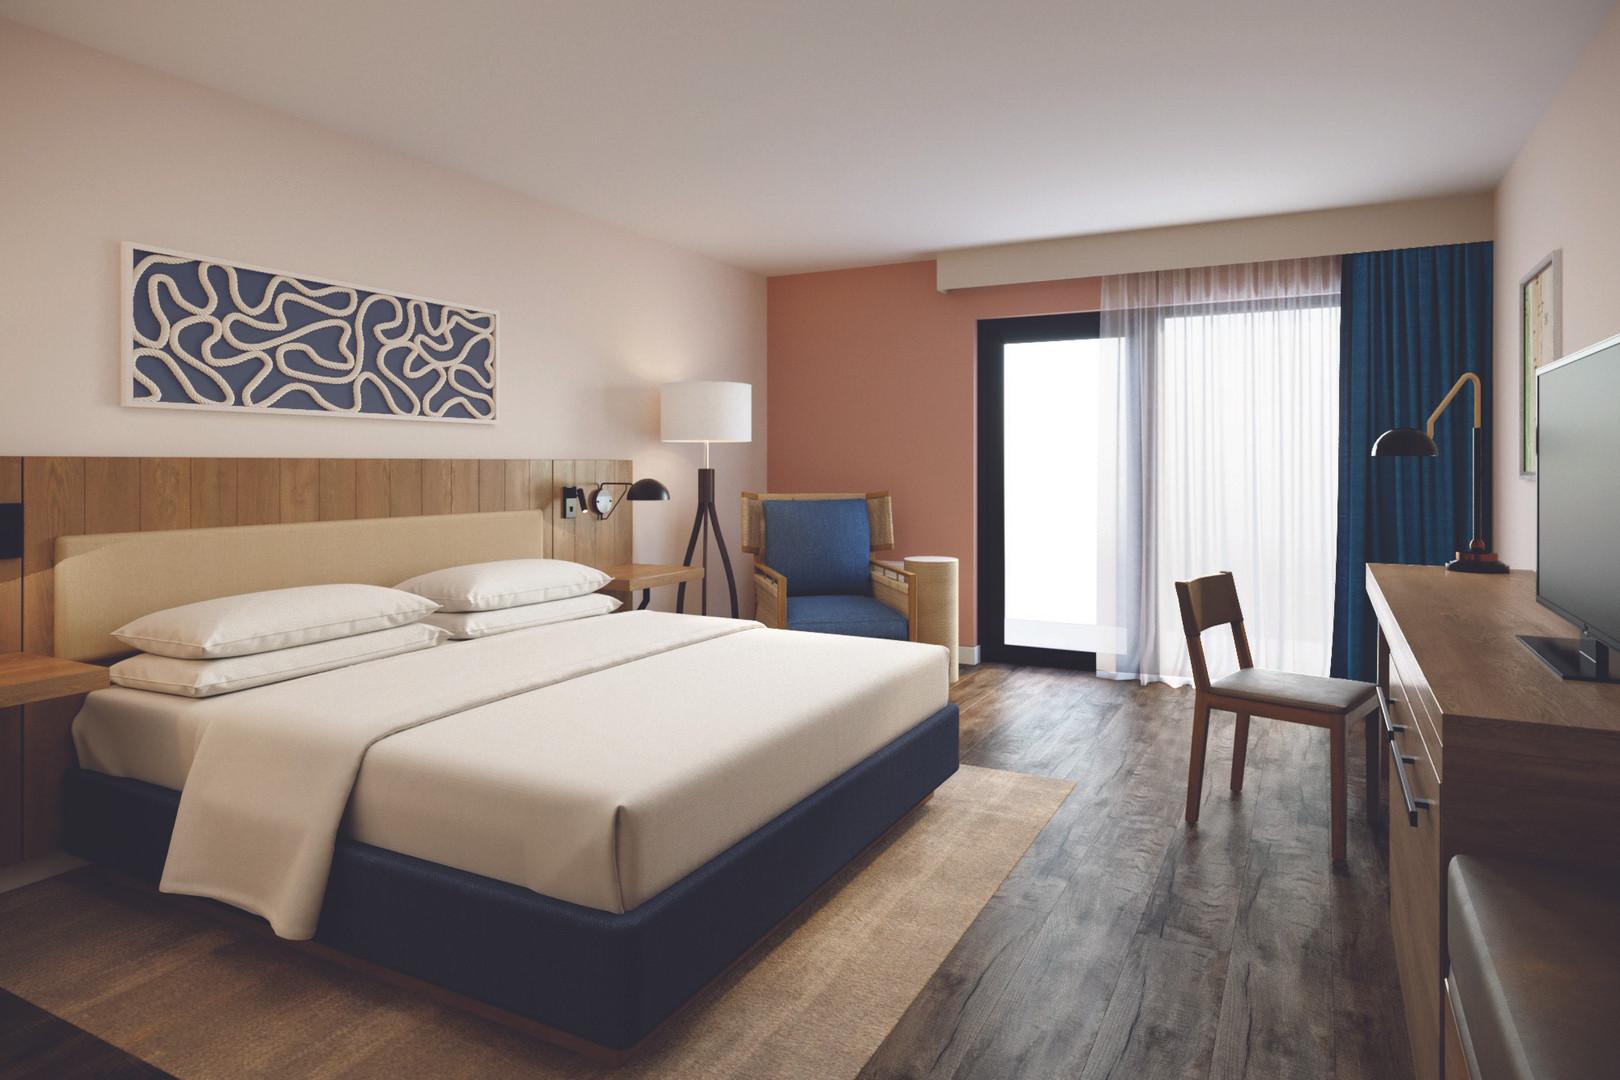 HGI_SPB_Renderings_Guestrooms_2020.10.26